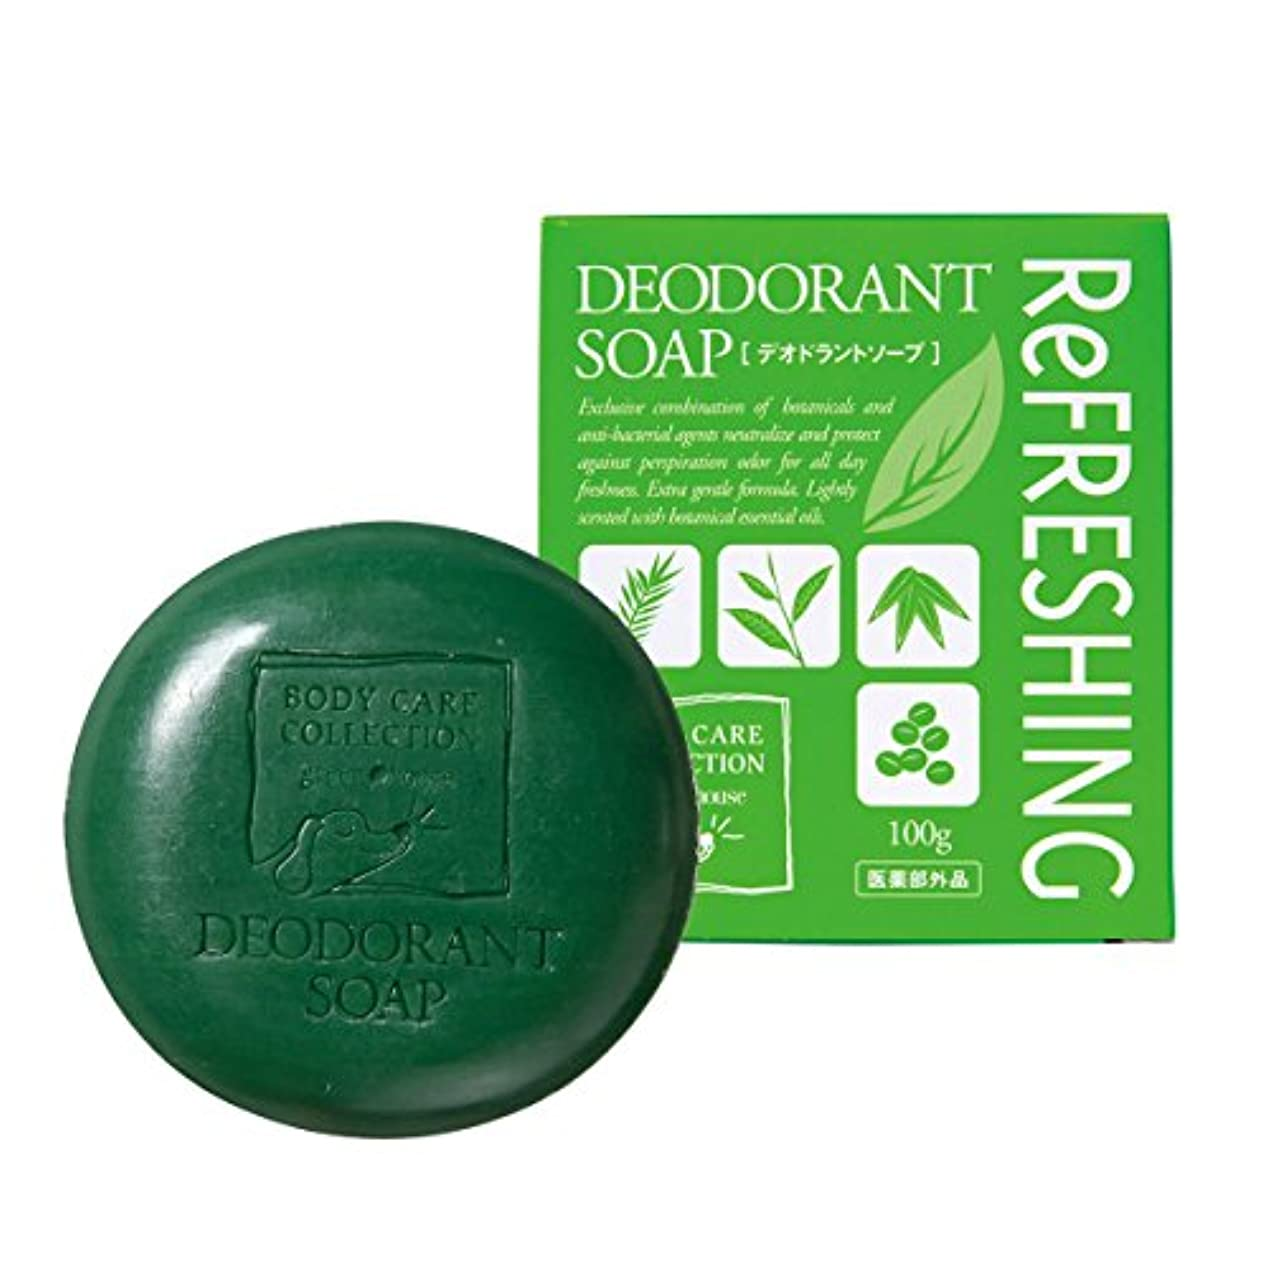 プレビスサイト定期的に気分薬用デオドラントソープ(体臭専用石鹸) 1個 100g